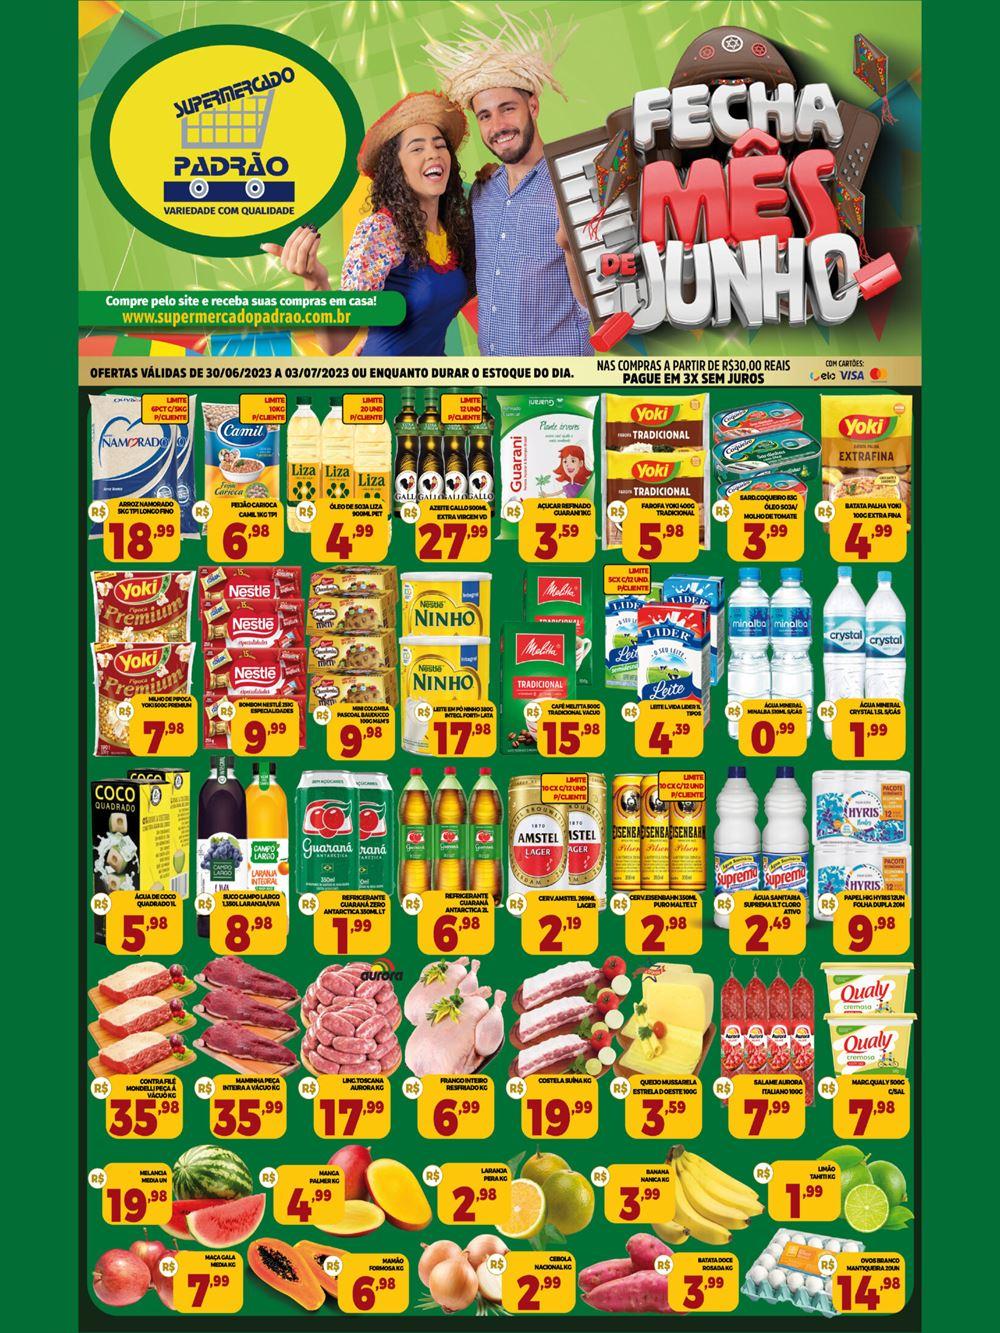 padrao-ofertas-descontos-hoje1-24 Ofertas de supermercados